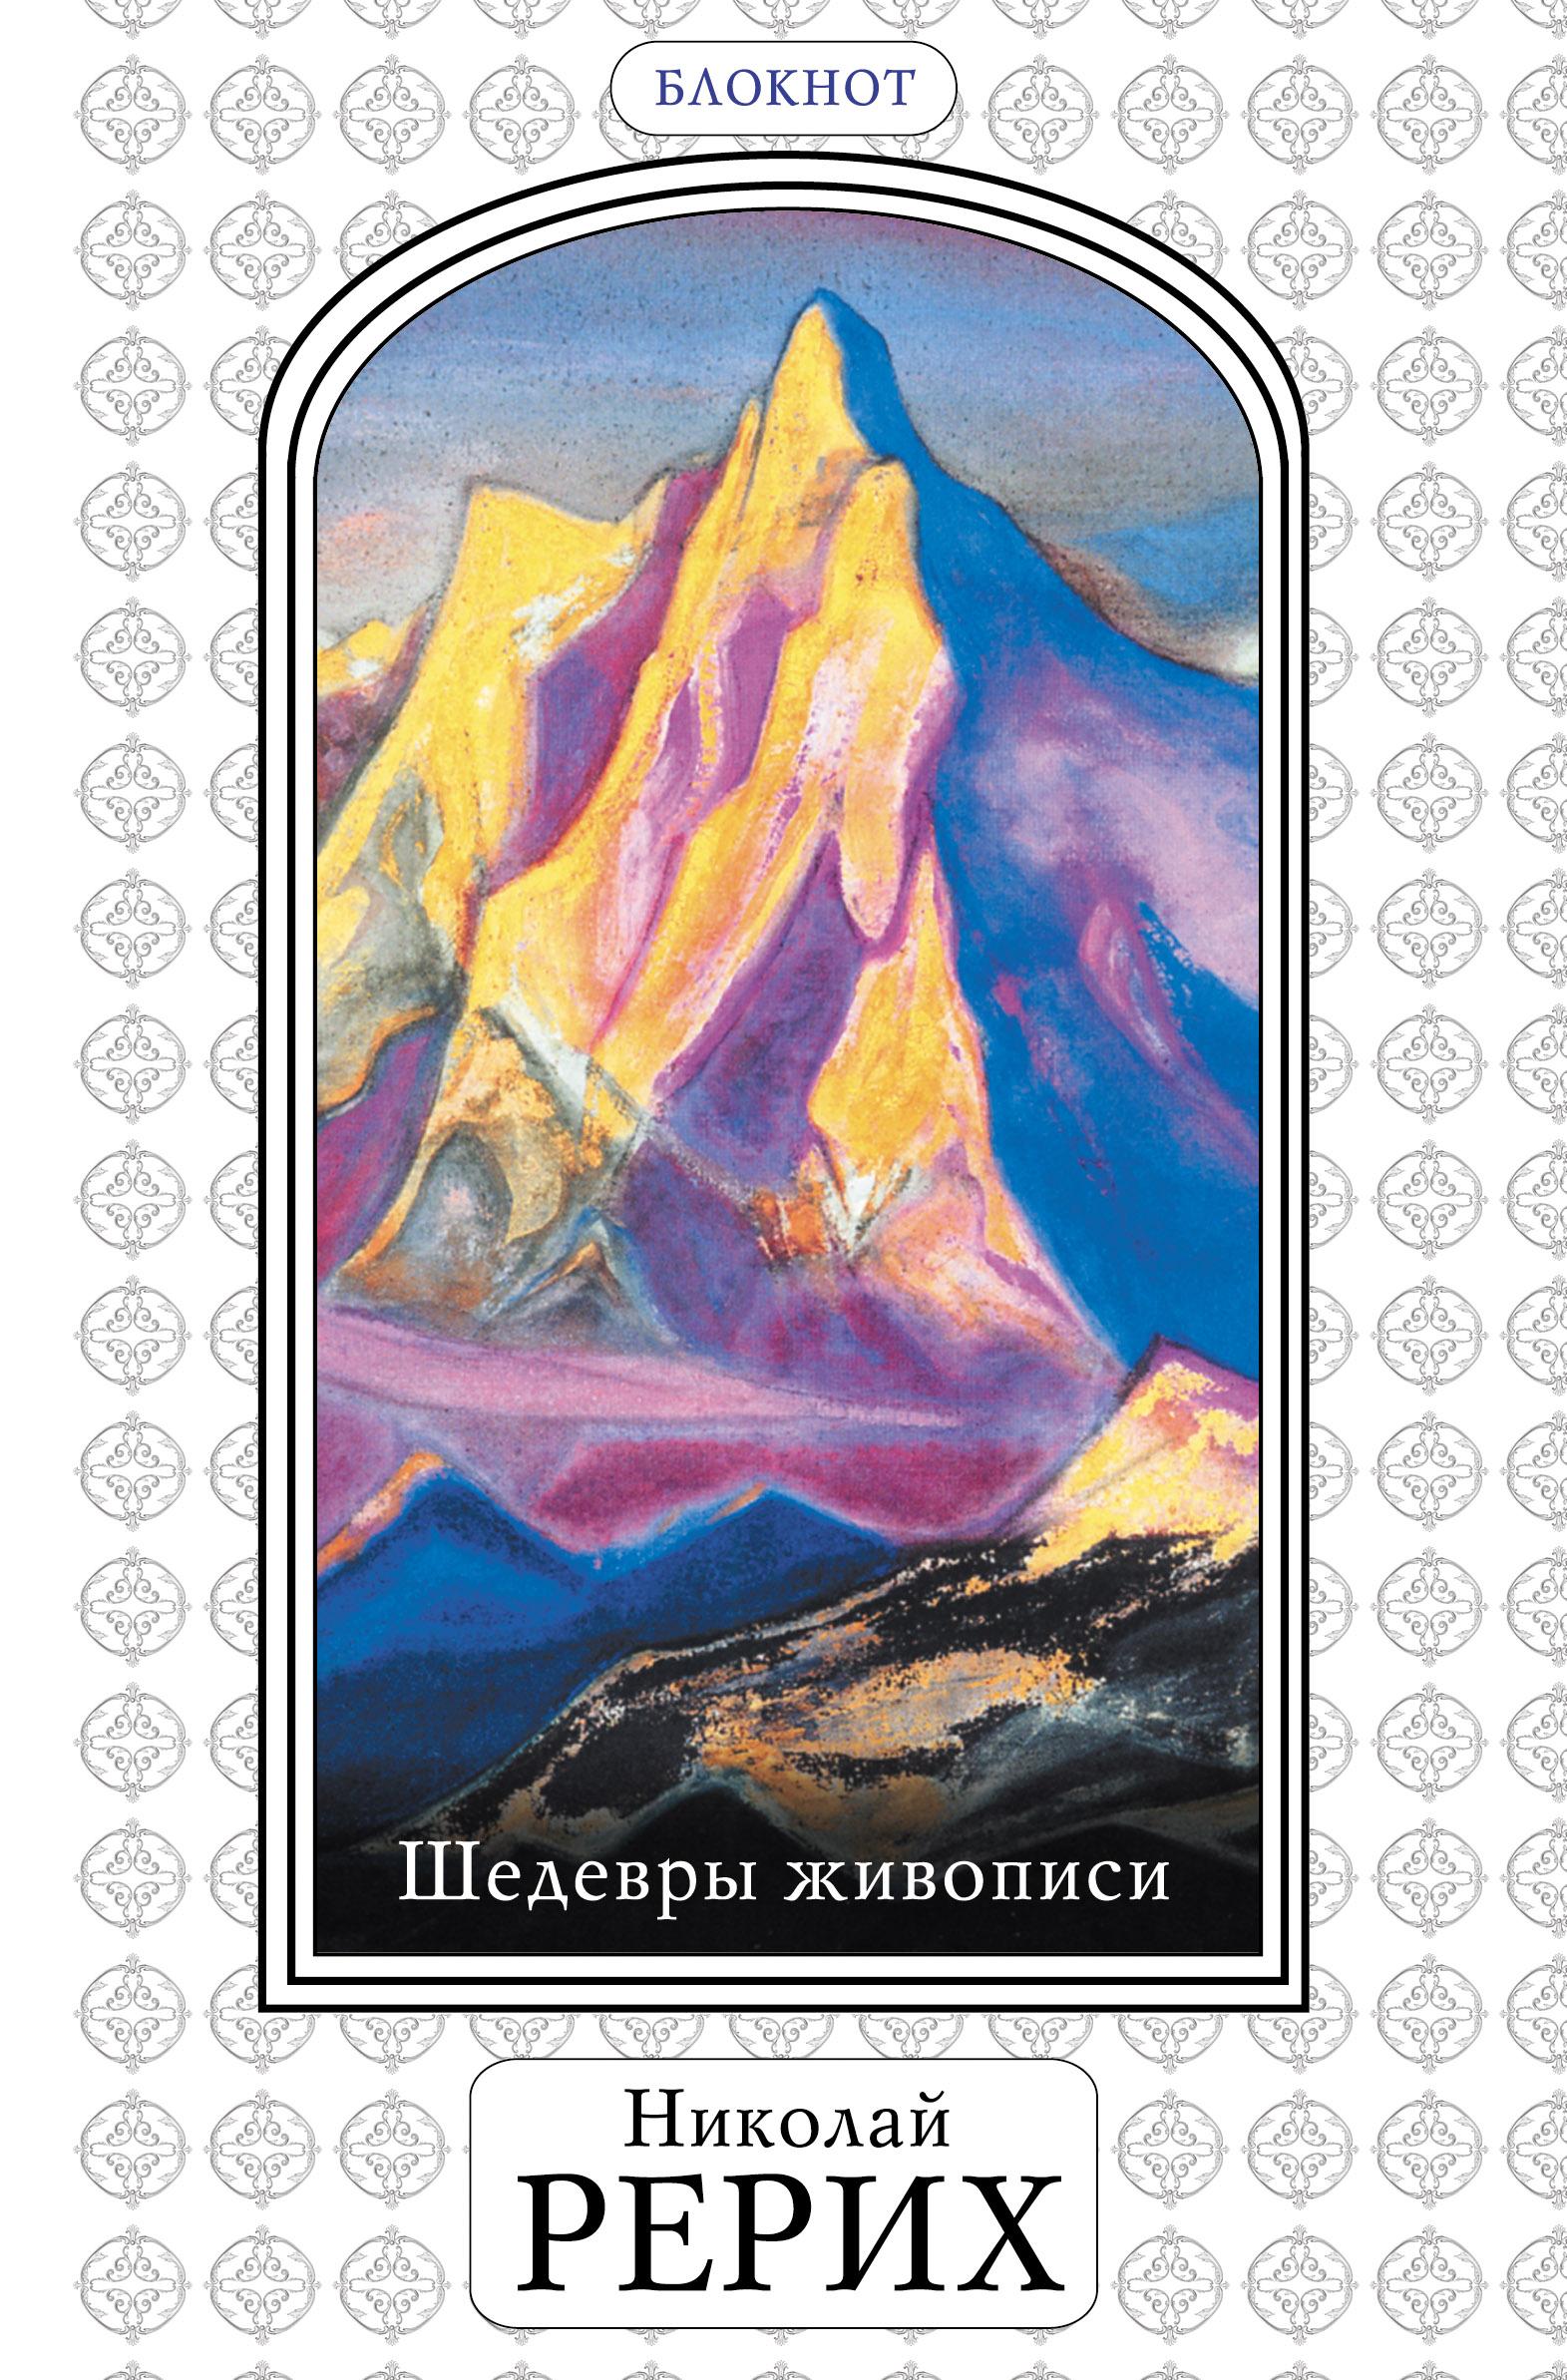 Шедевры живописи Николая Рериха. Блокнот